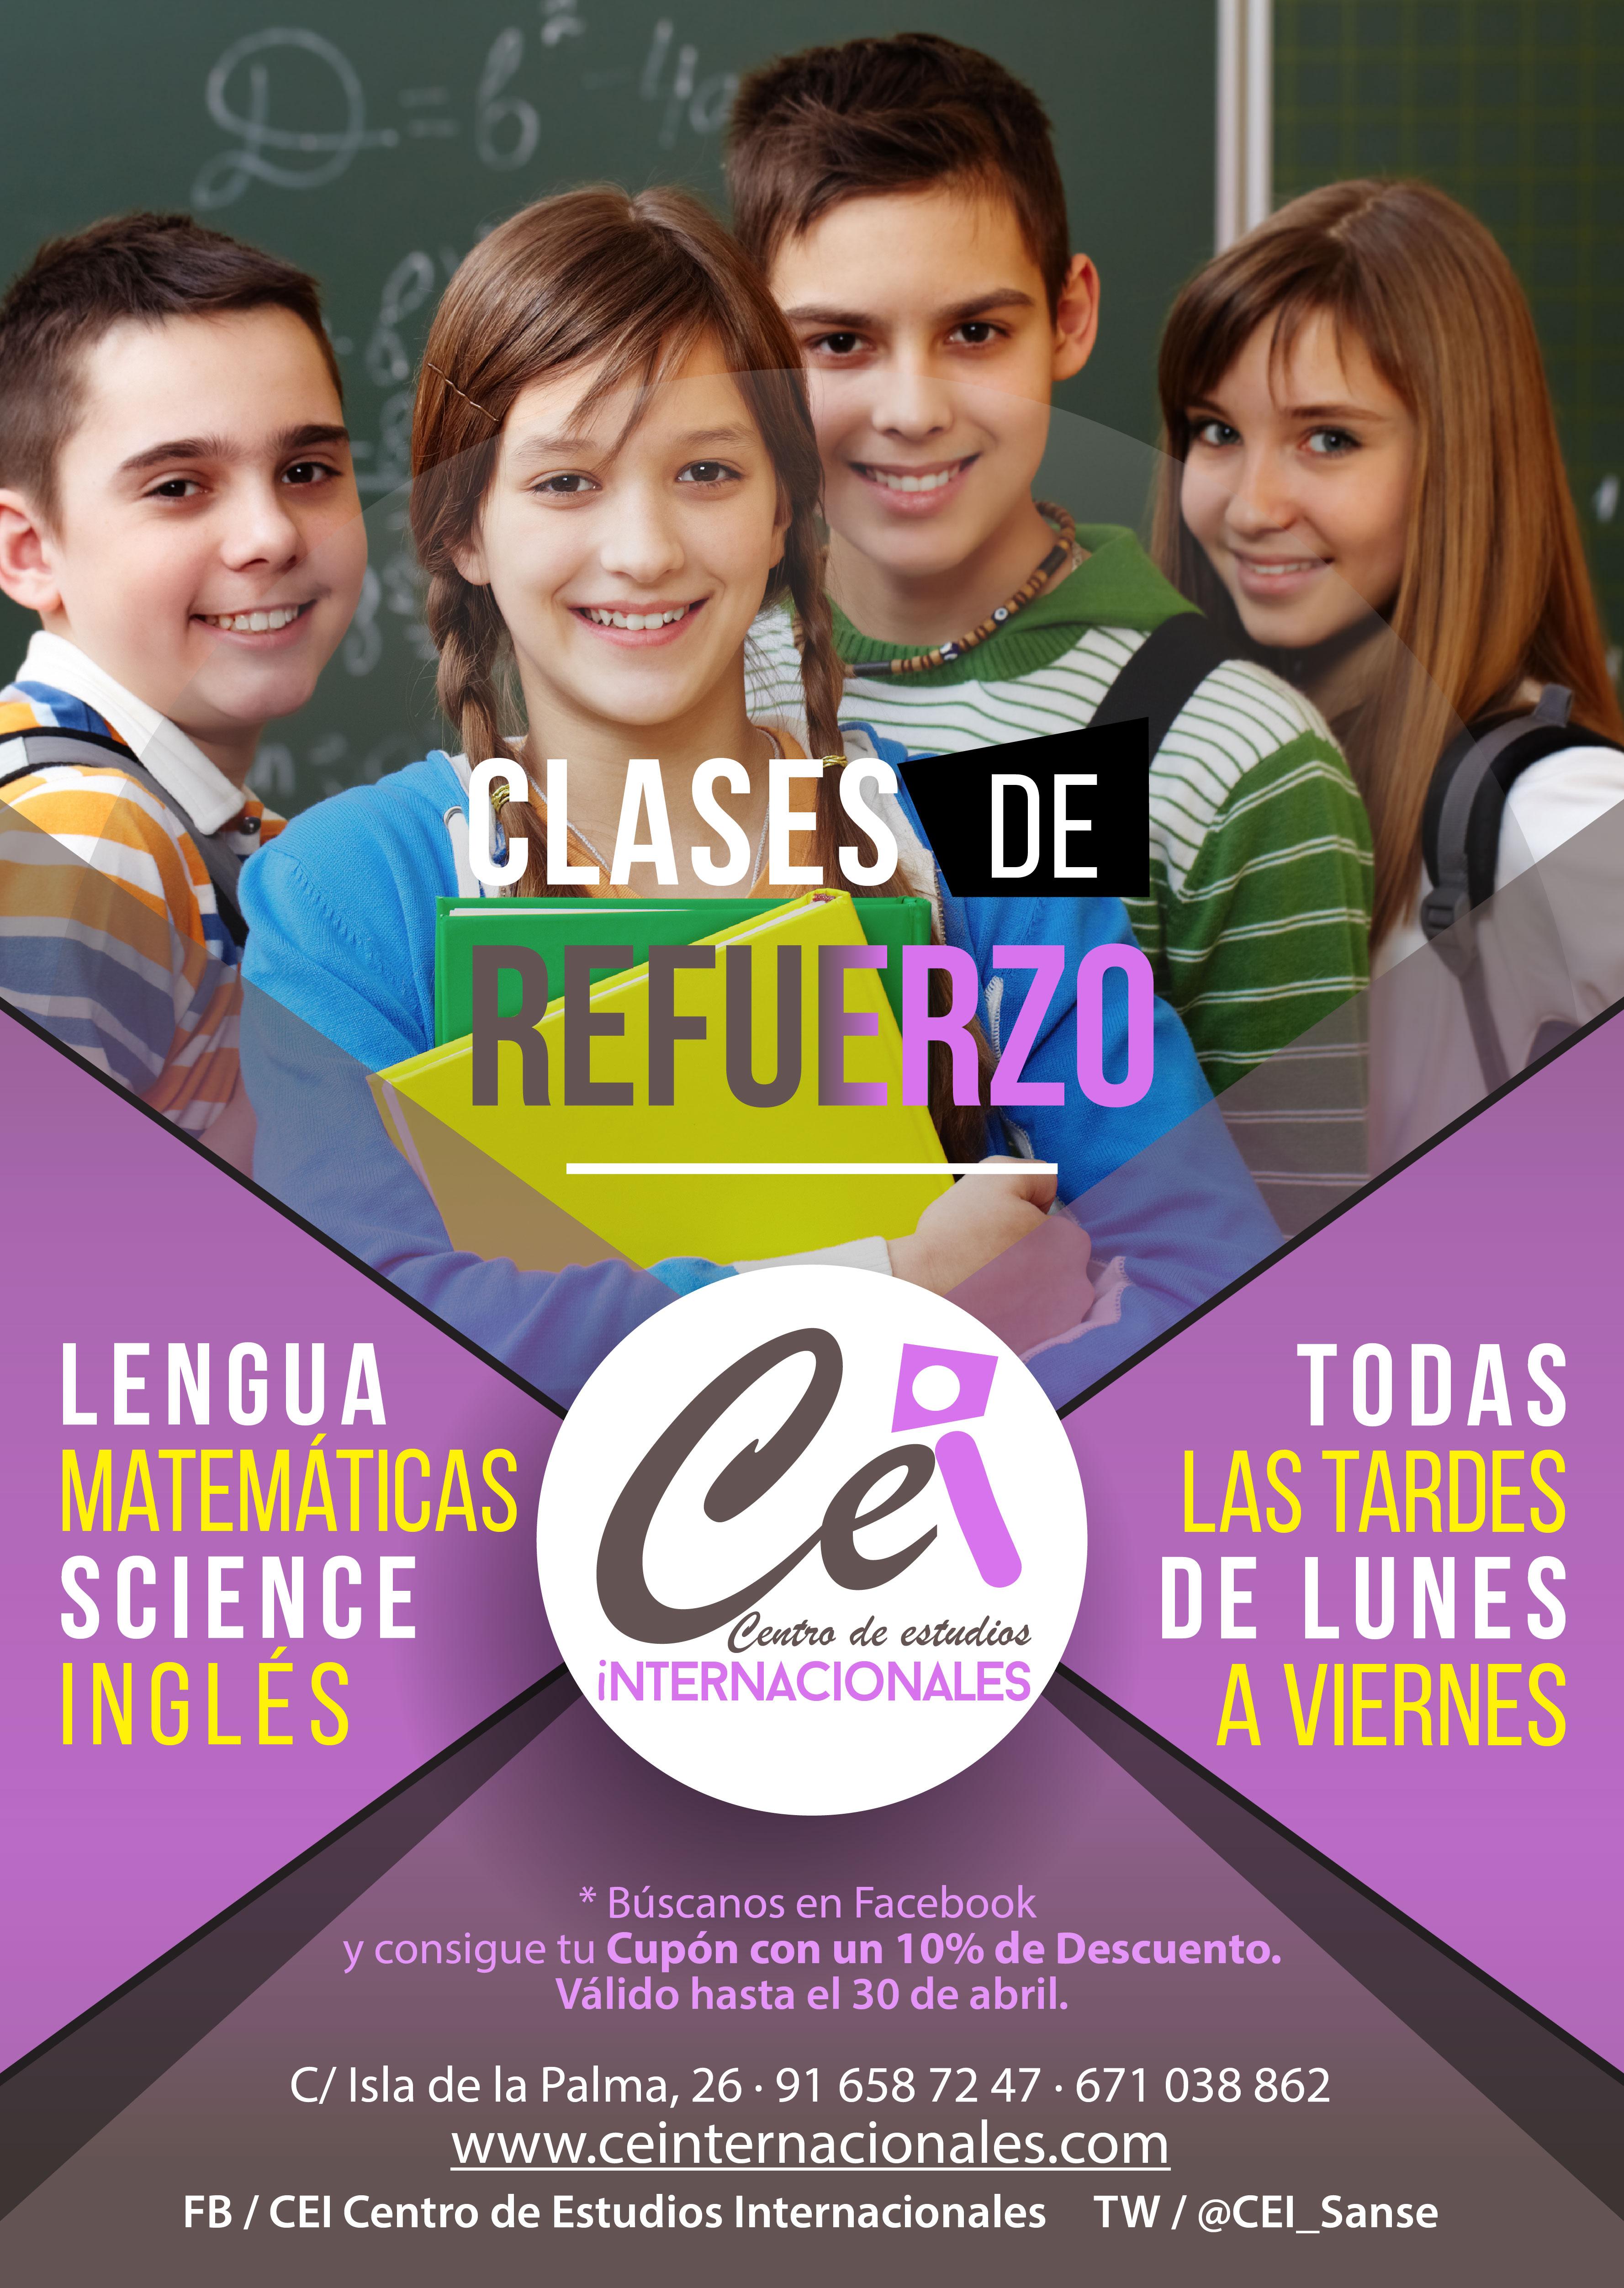 Refuerzo coles2019-03